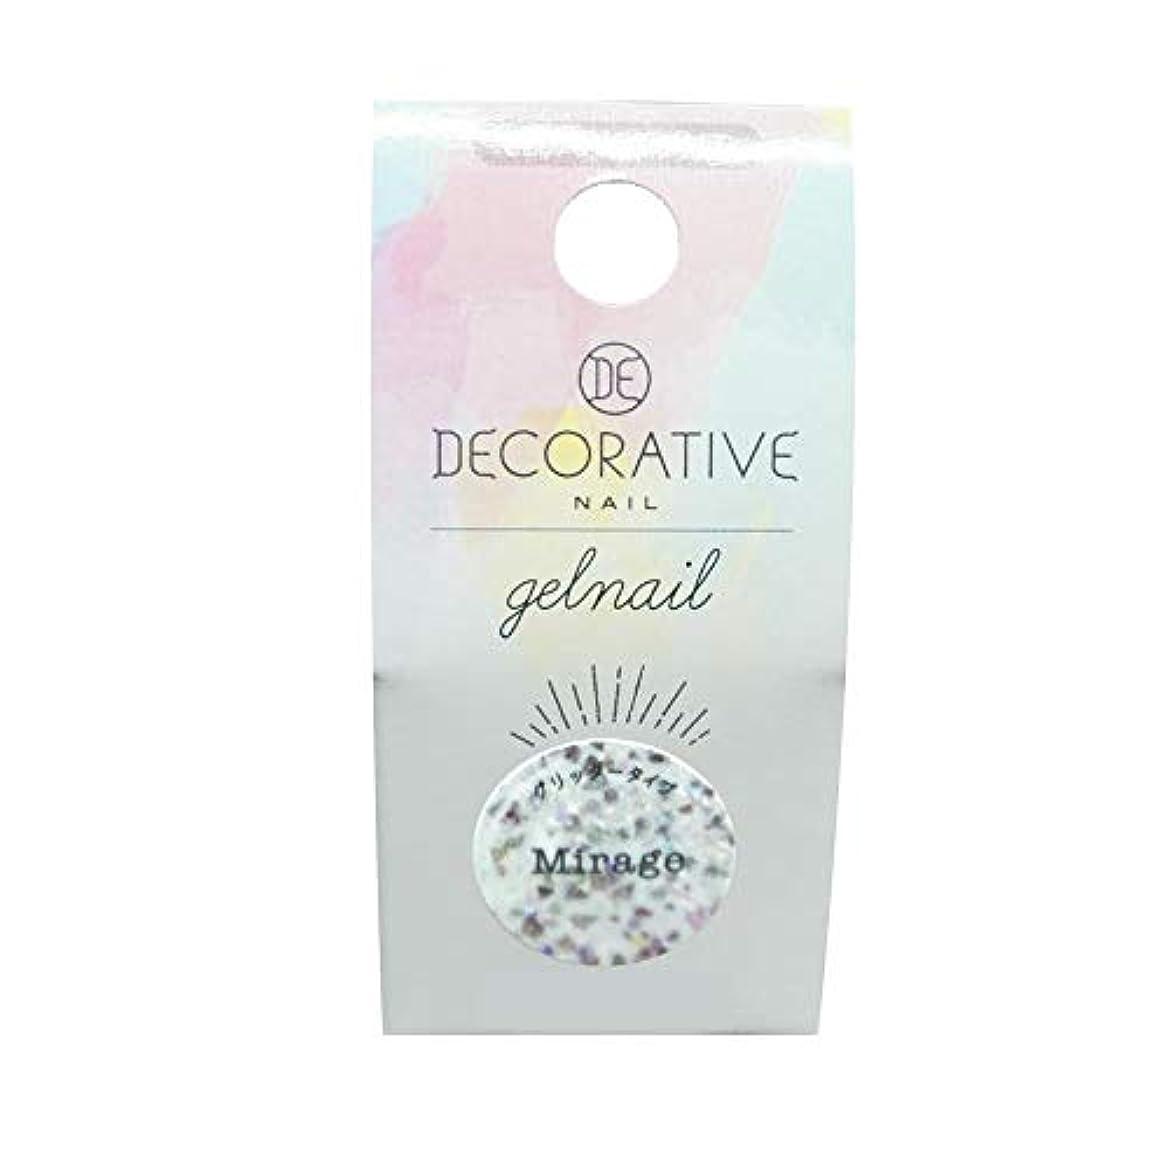 ハッピー充実粘土DECORATIVE NAIL デコラティブネイル ジェルネイル カラージェル ミラージュ(グリッタータイプ) TN81262